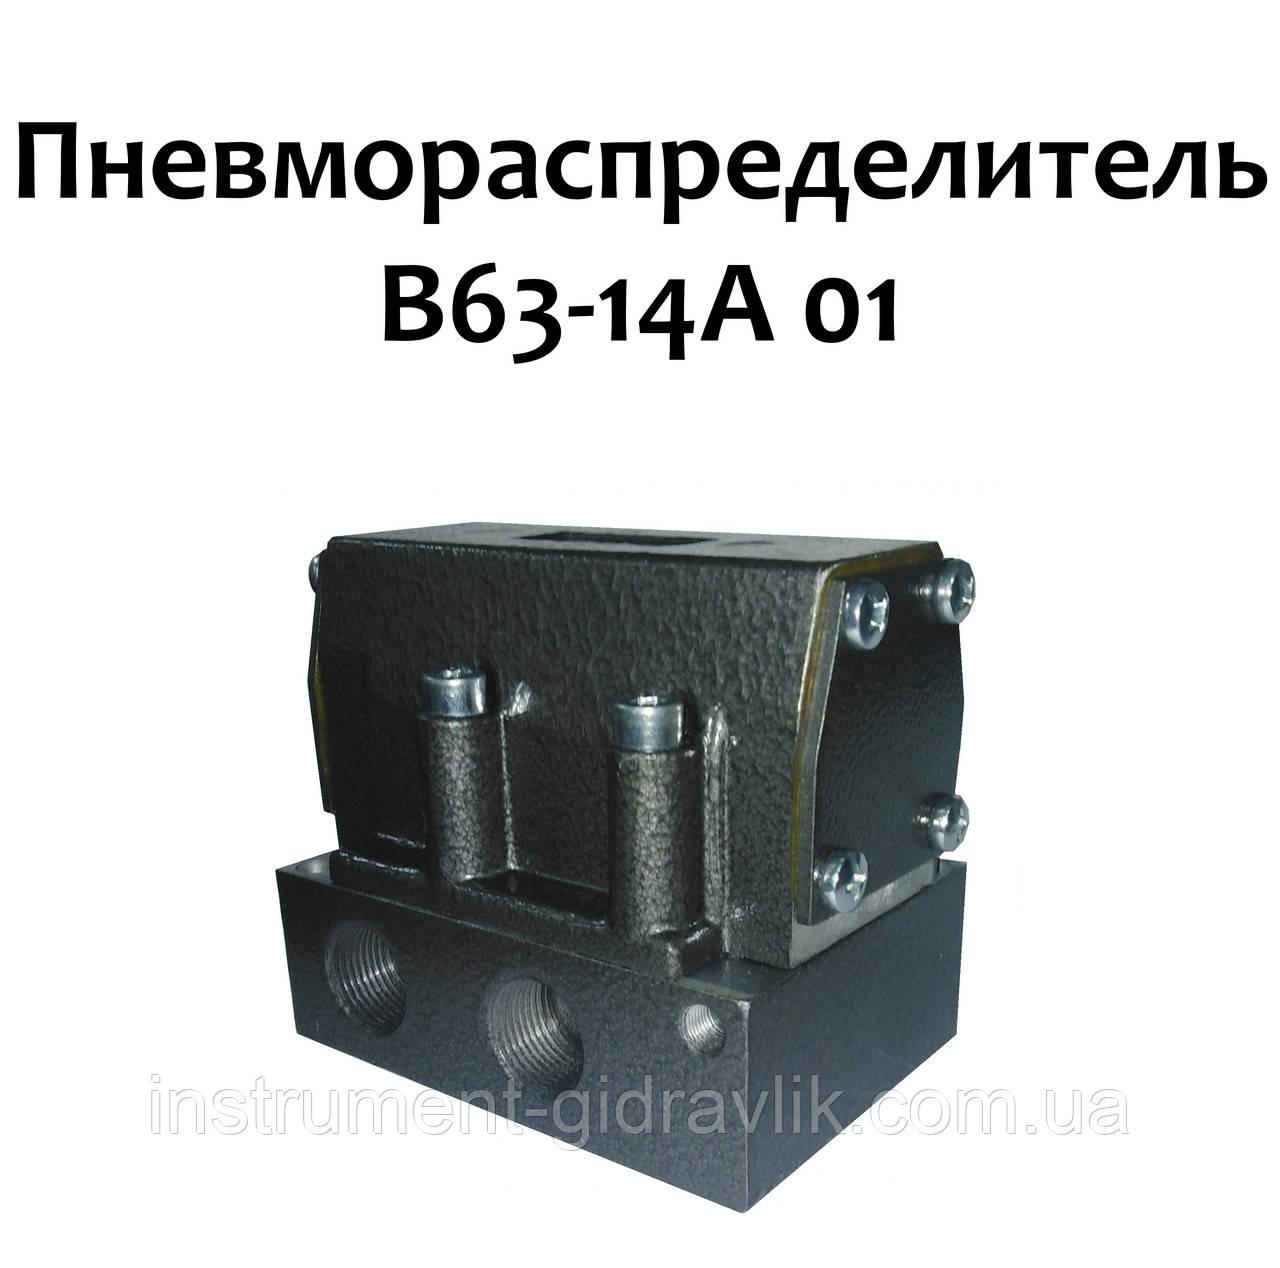 Пневмораспределитель В63-14А 01